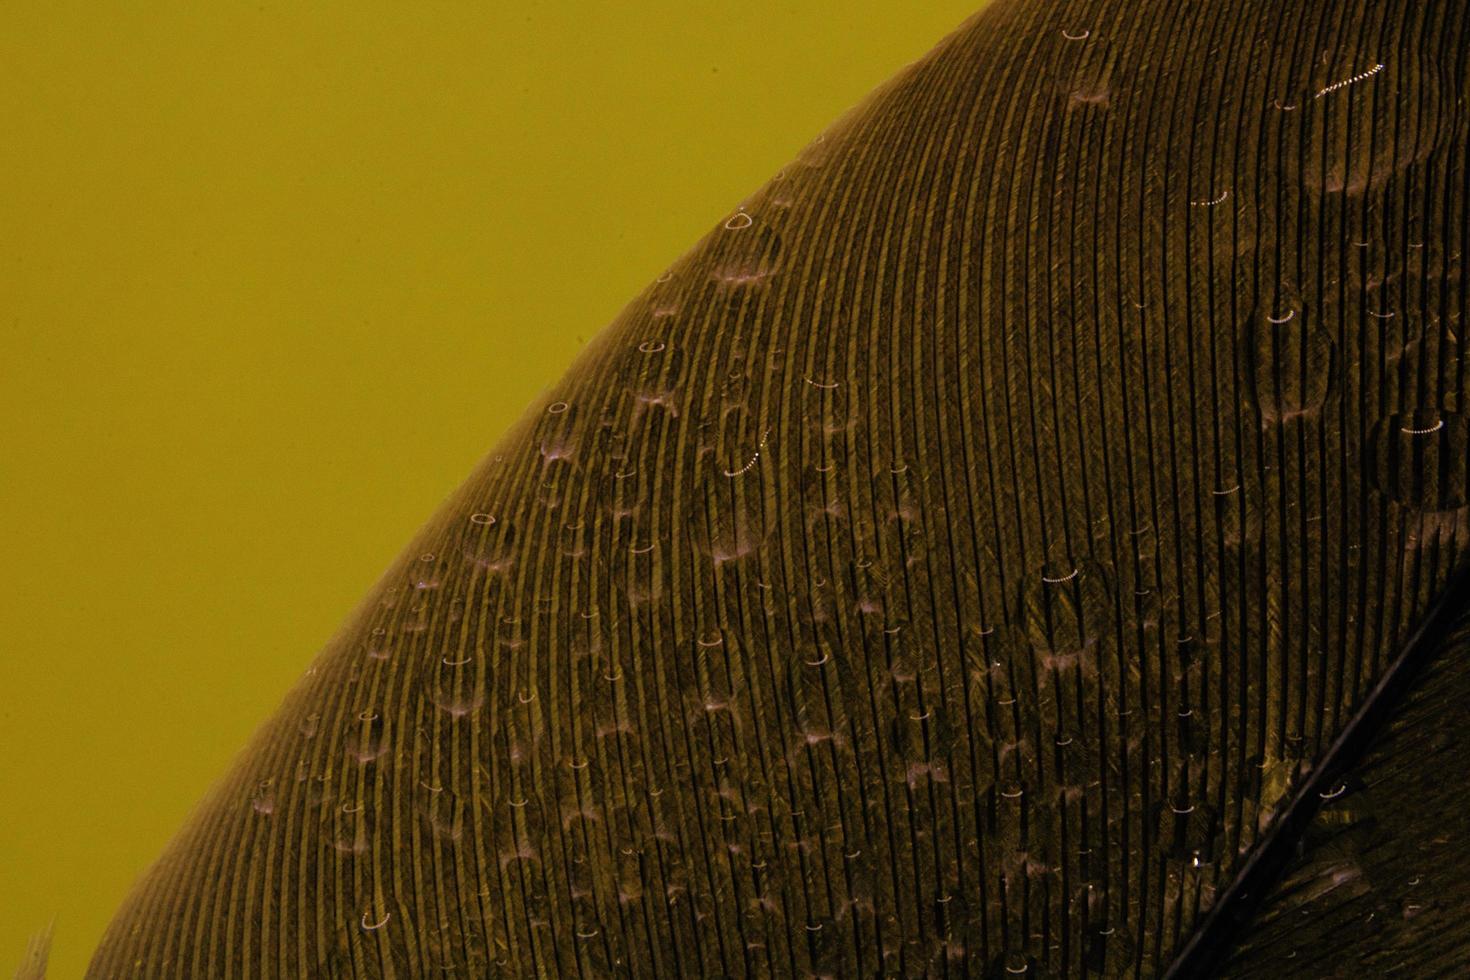 trame a strisce nere su giallo foto